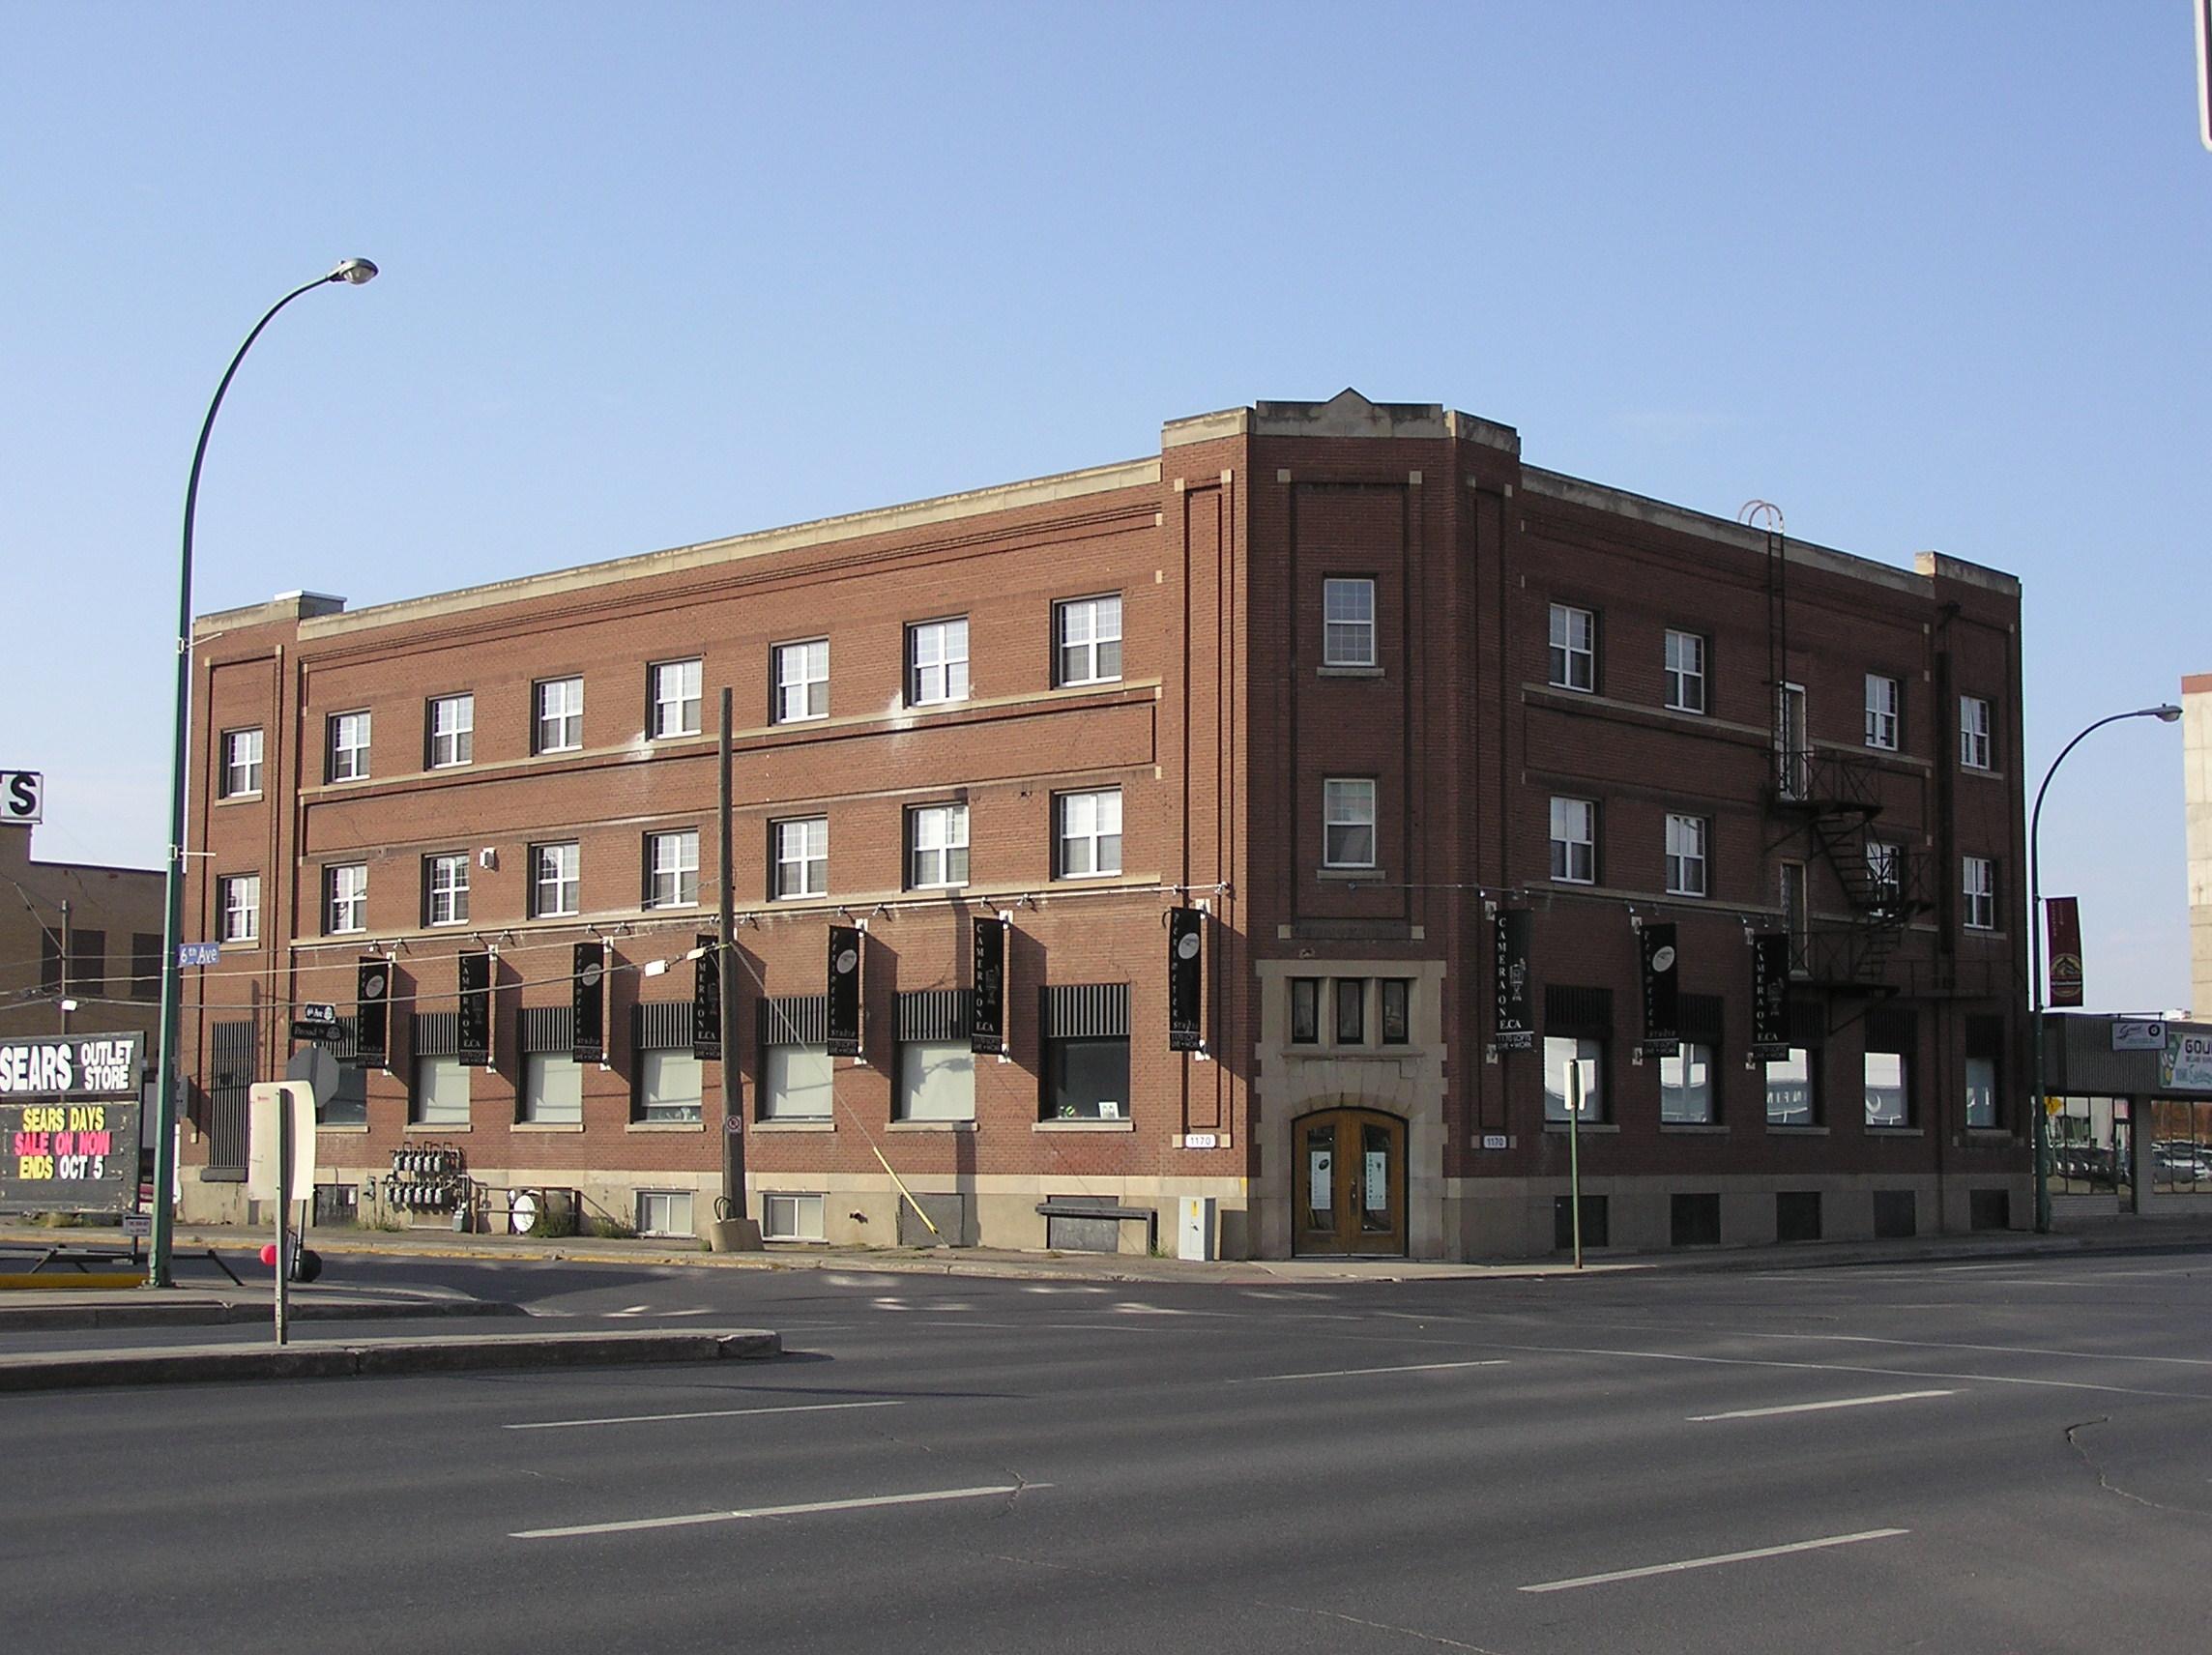 1170 Broad Street Lofts